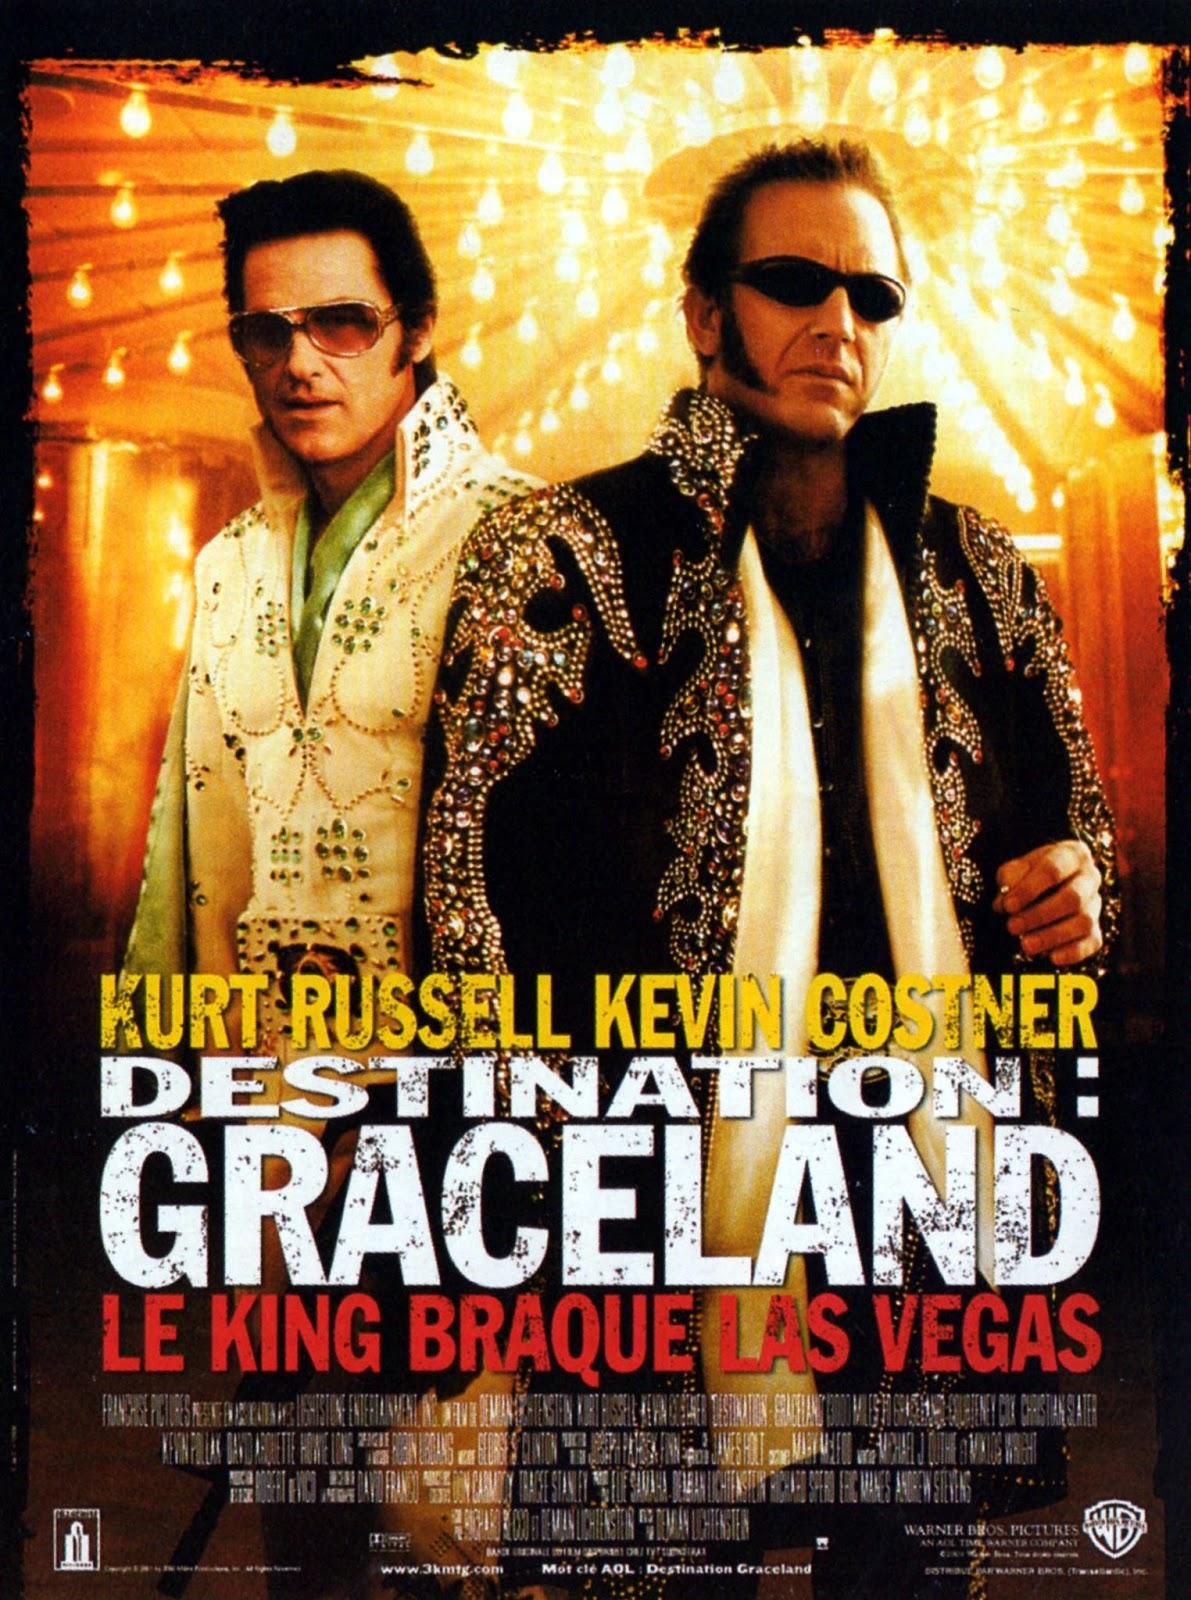 affiche du film Destination: Graceland